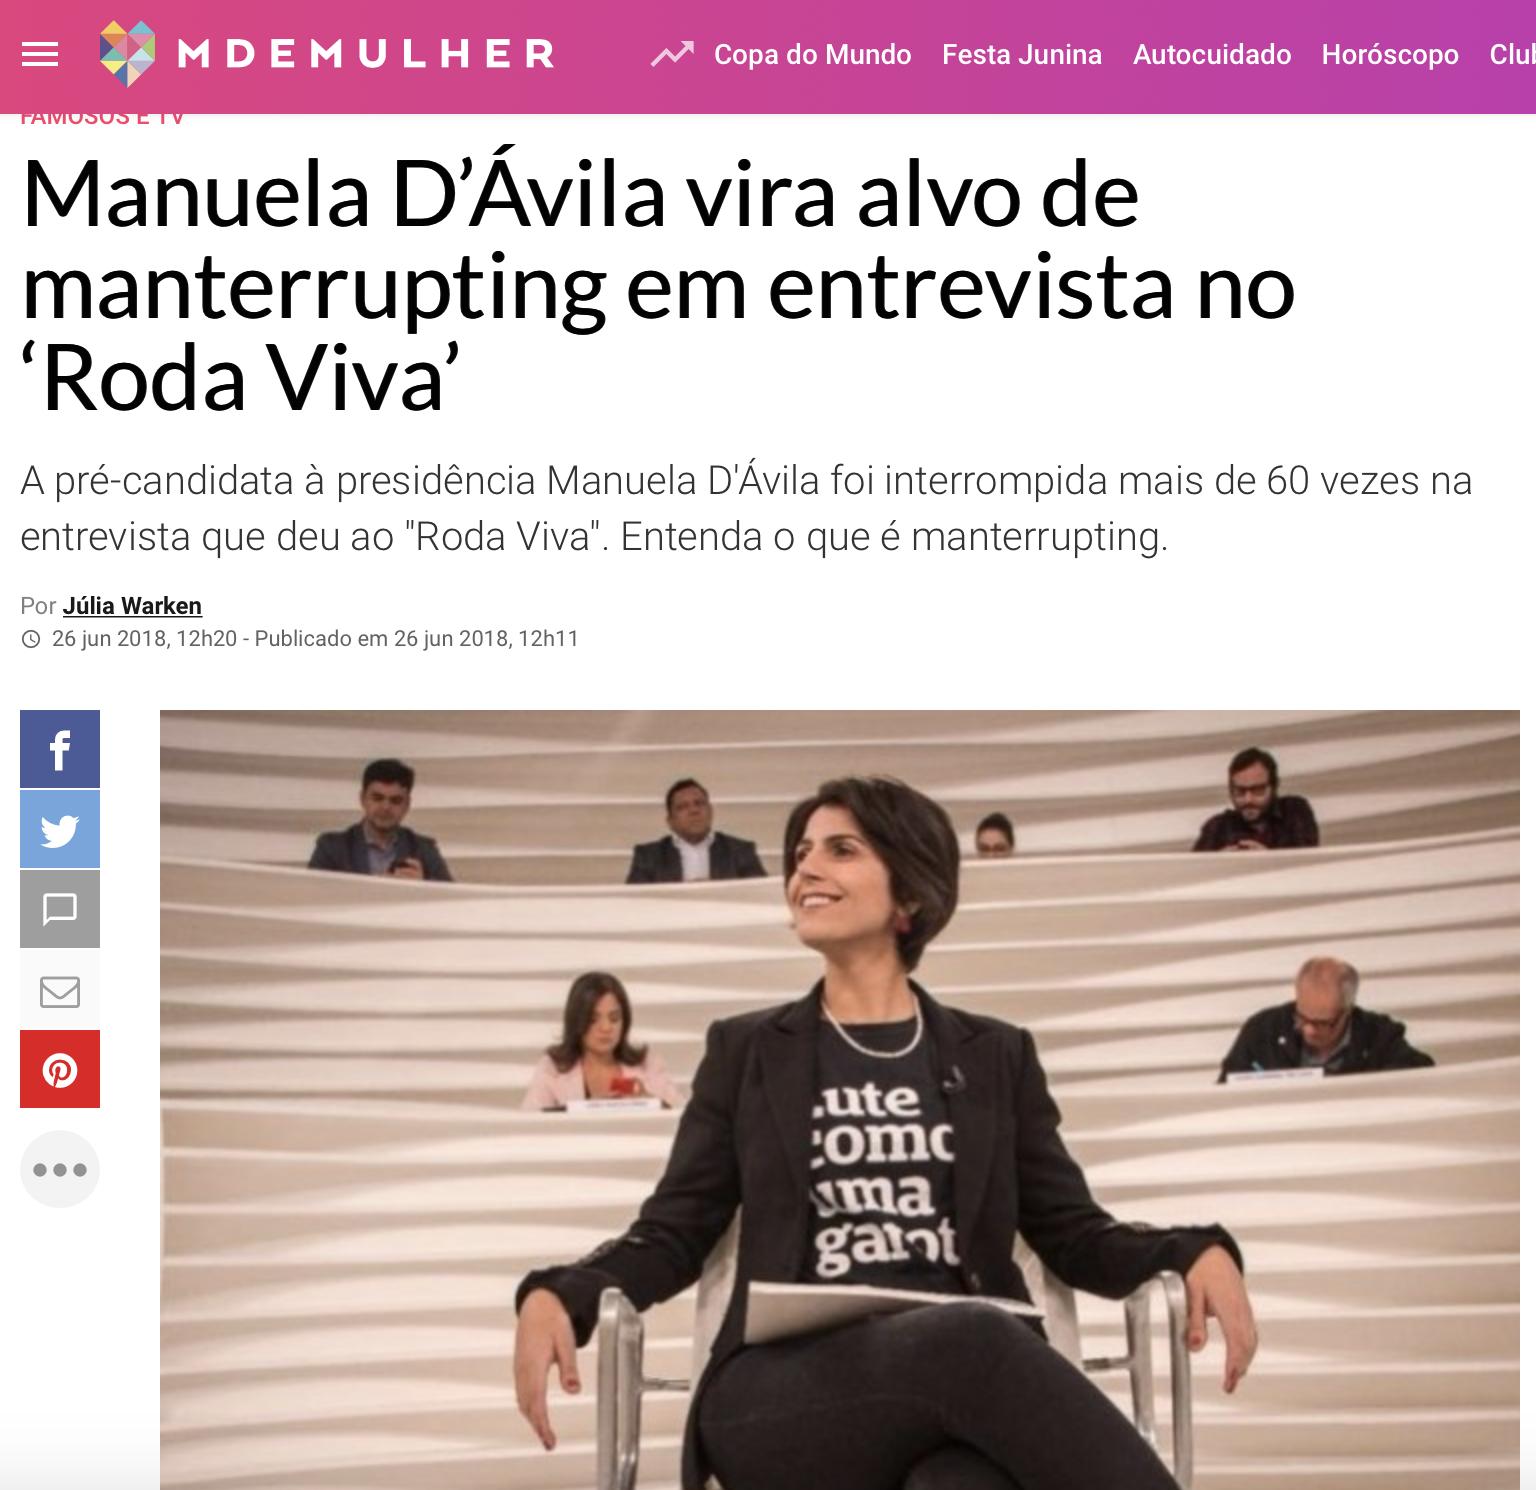 Manuela d'Ávila em revista feminina da Abril